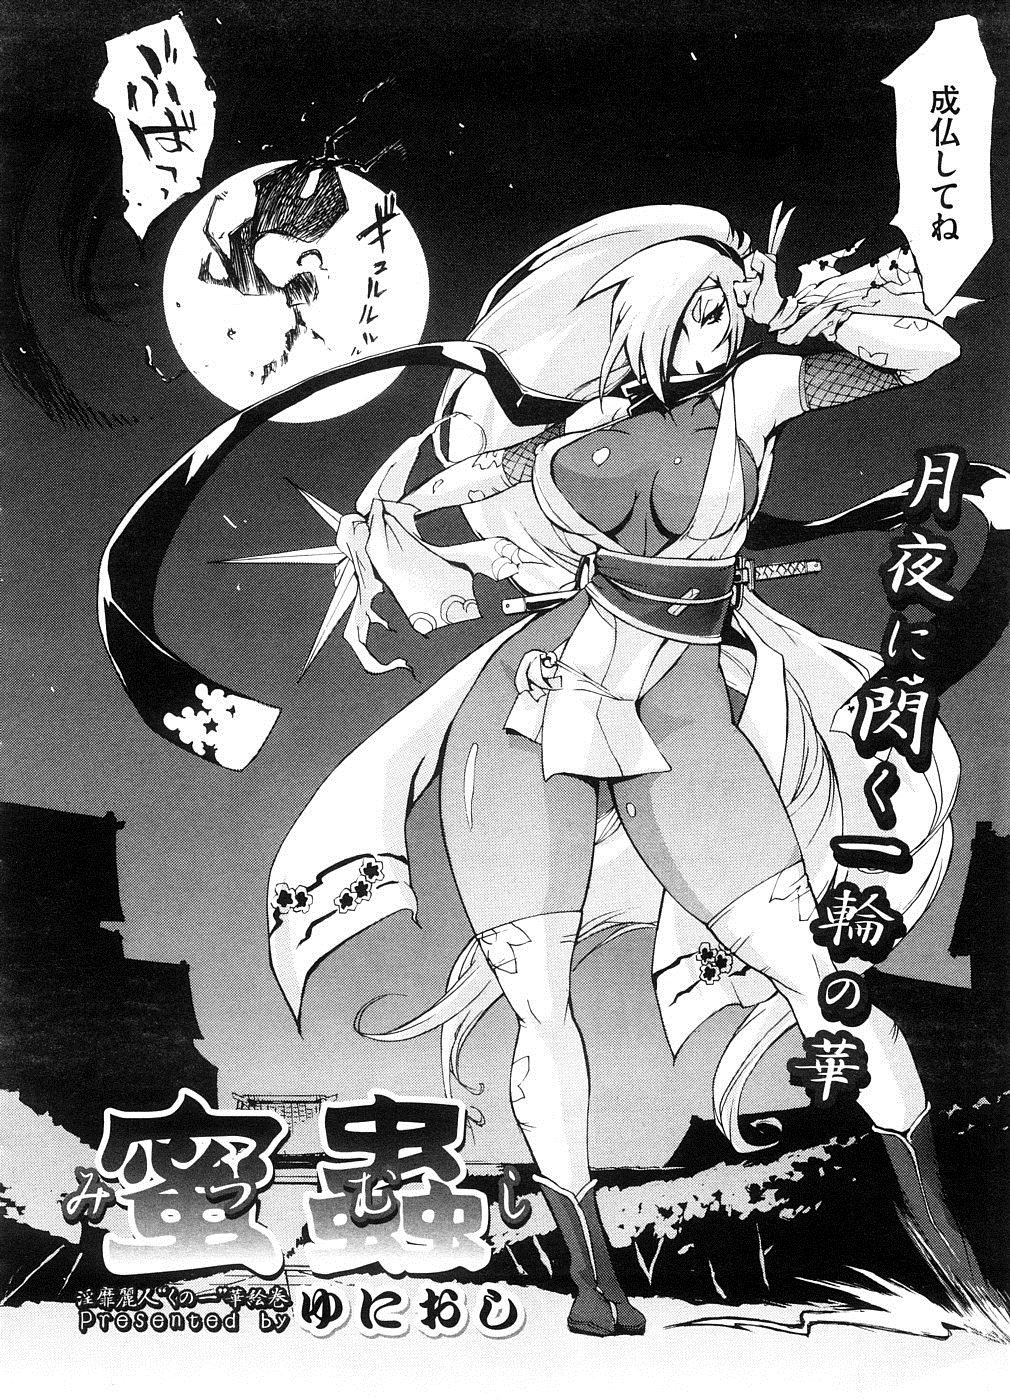 【エロ漫画】色仕掛けの術で武将を仕留めようとしたが、捕らえられて拘束されたエロカワ巨乳くノ一がマンコにアナルにちんぽぶち込まれて2穴同時輪姦中出しレイプ陵辱されてしまっている~!! 003